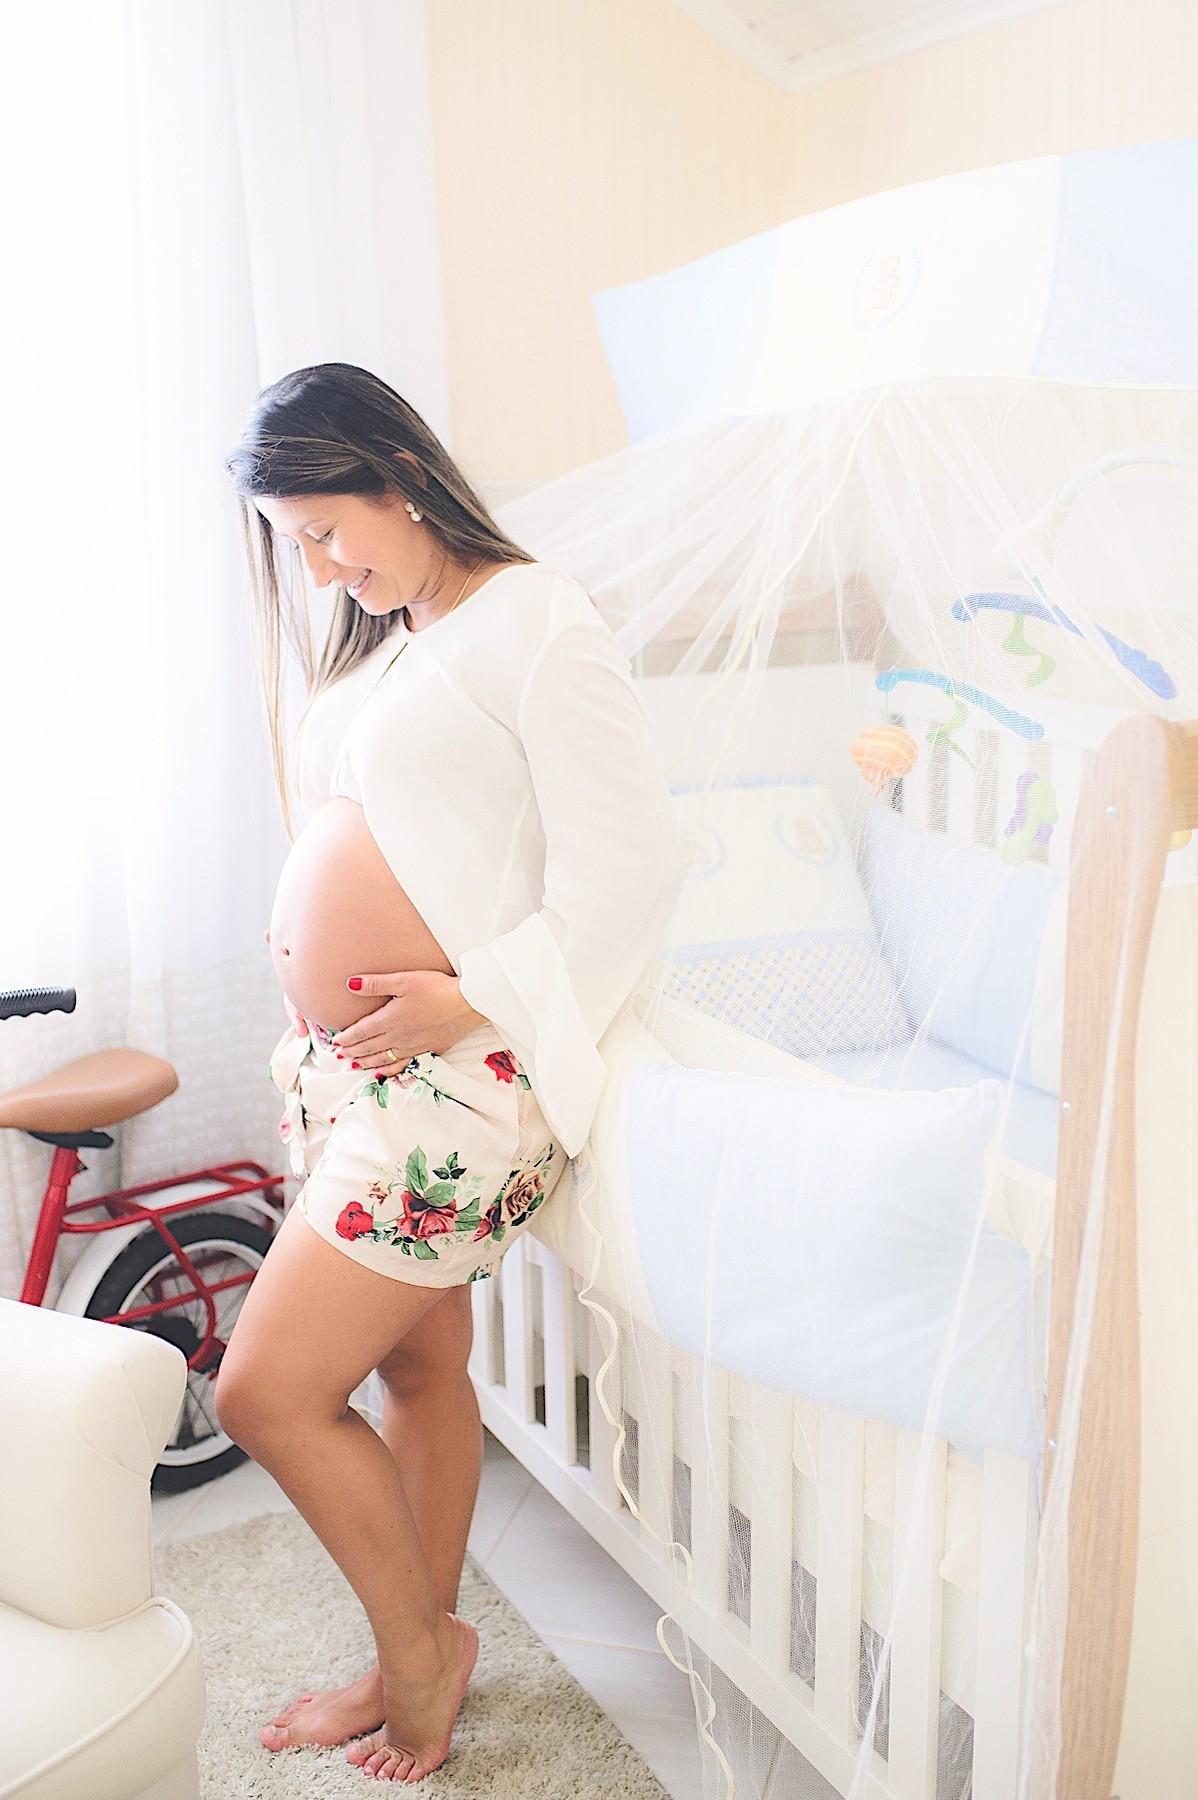 ensaio gestante - ensaio em casa - mãe de menino - são bento do sul - fotógrafo - chroma fotografia